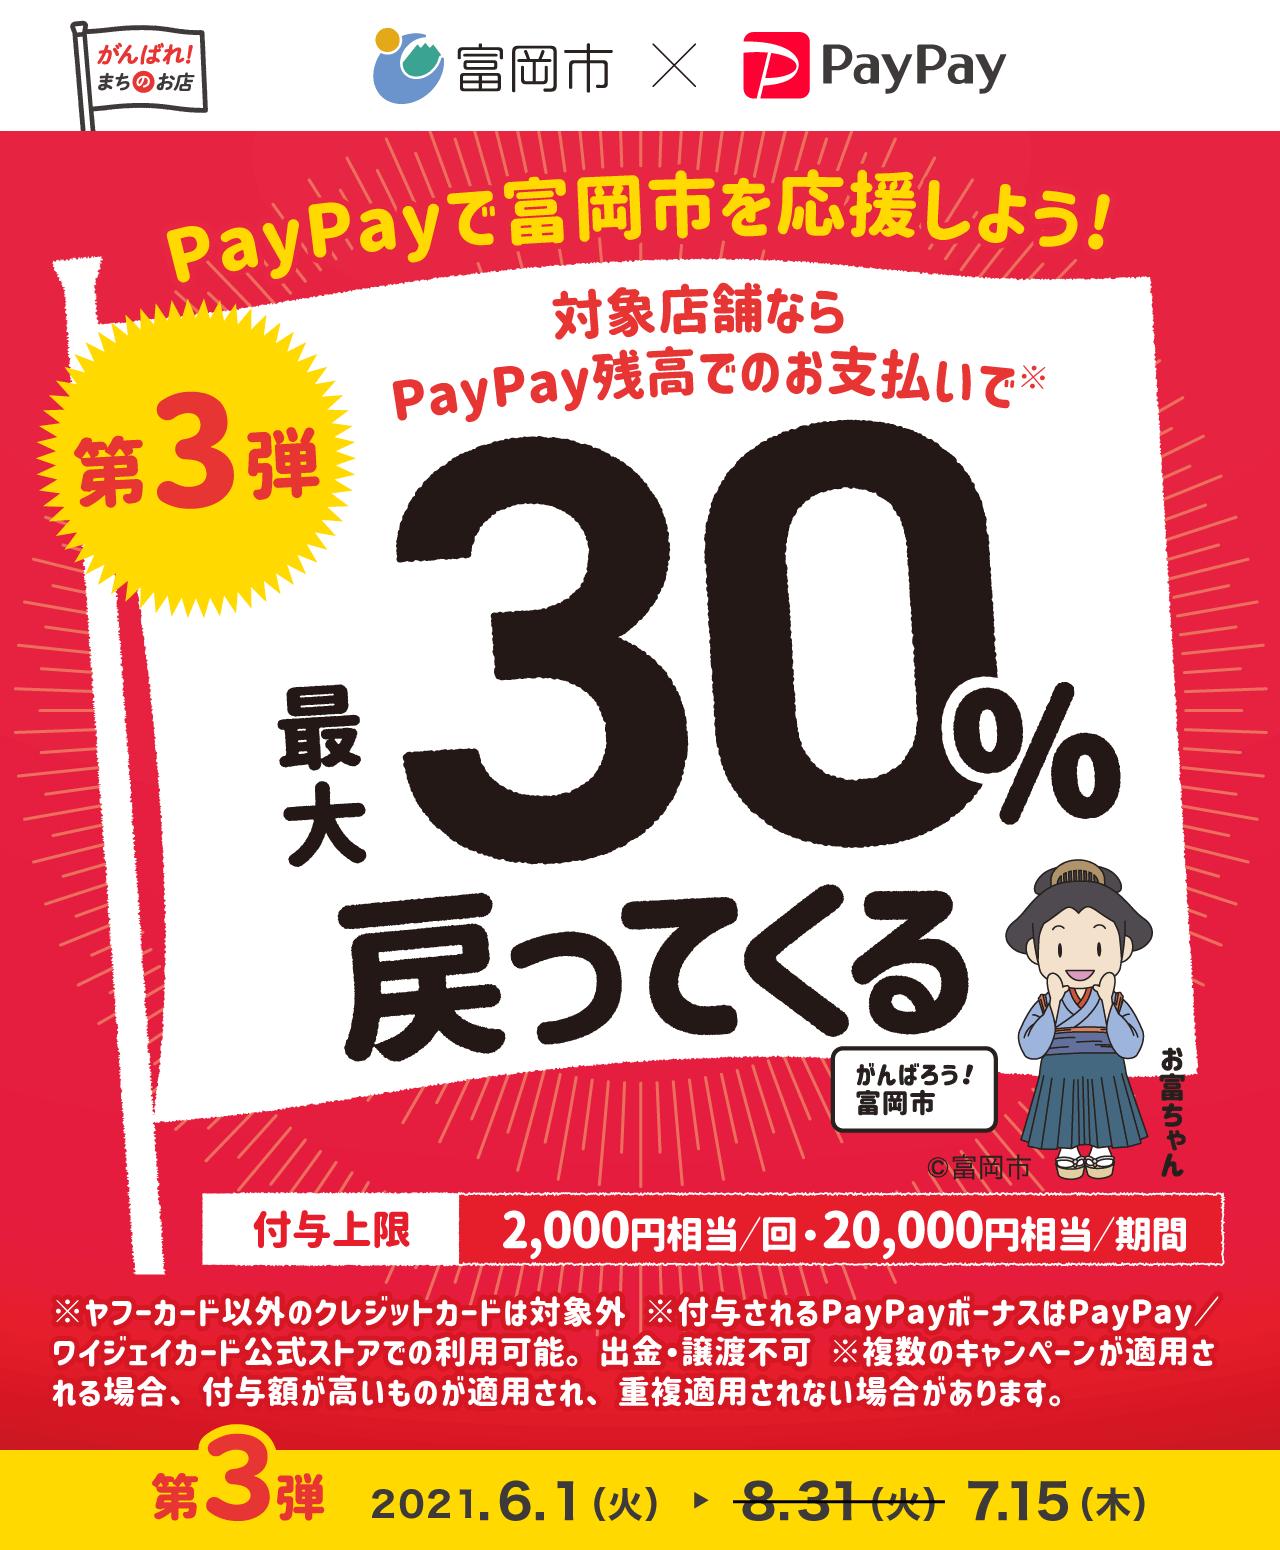 PayPayで富岡市を応援しよう! 第3弾 対象店舗ならPayPay残高でのお支払いで最大30%戻ってくる